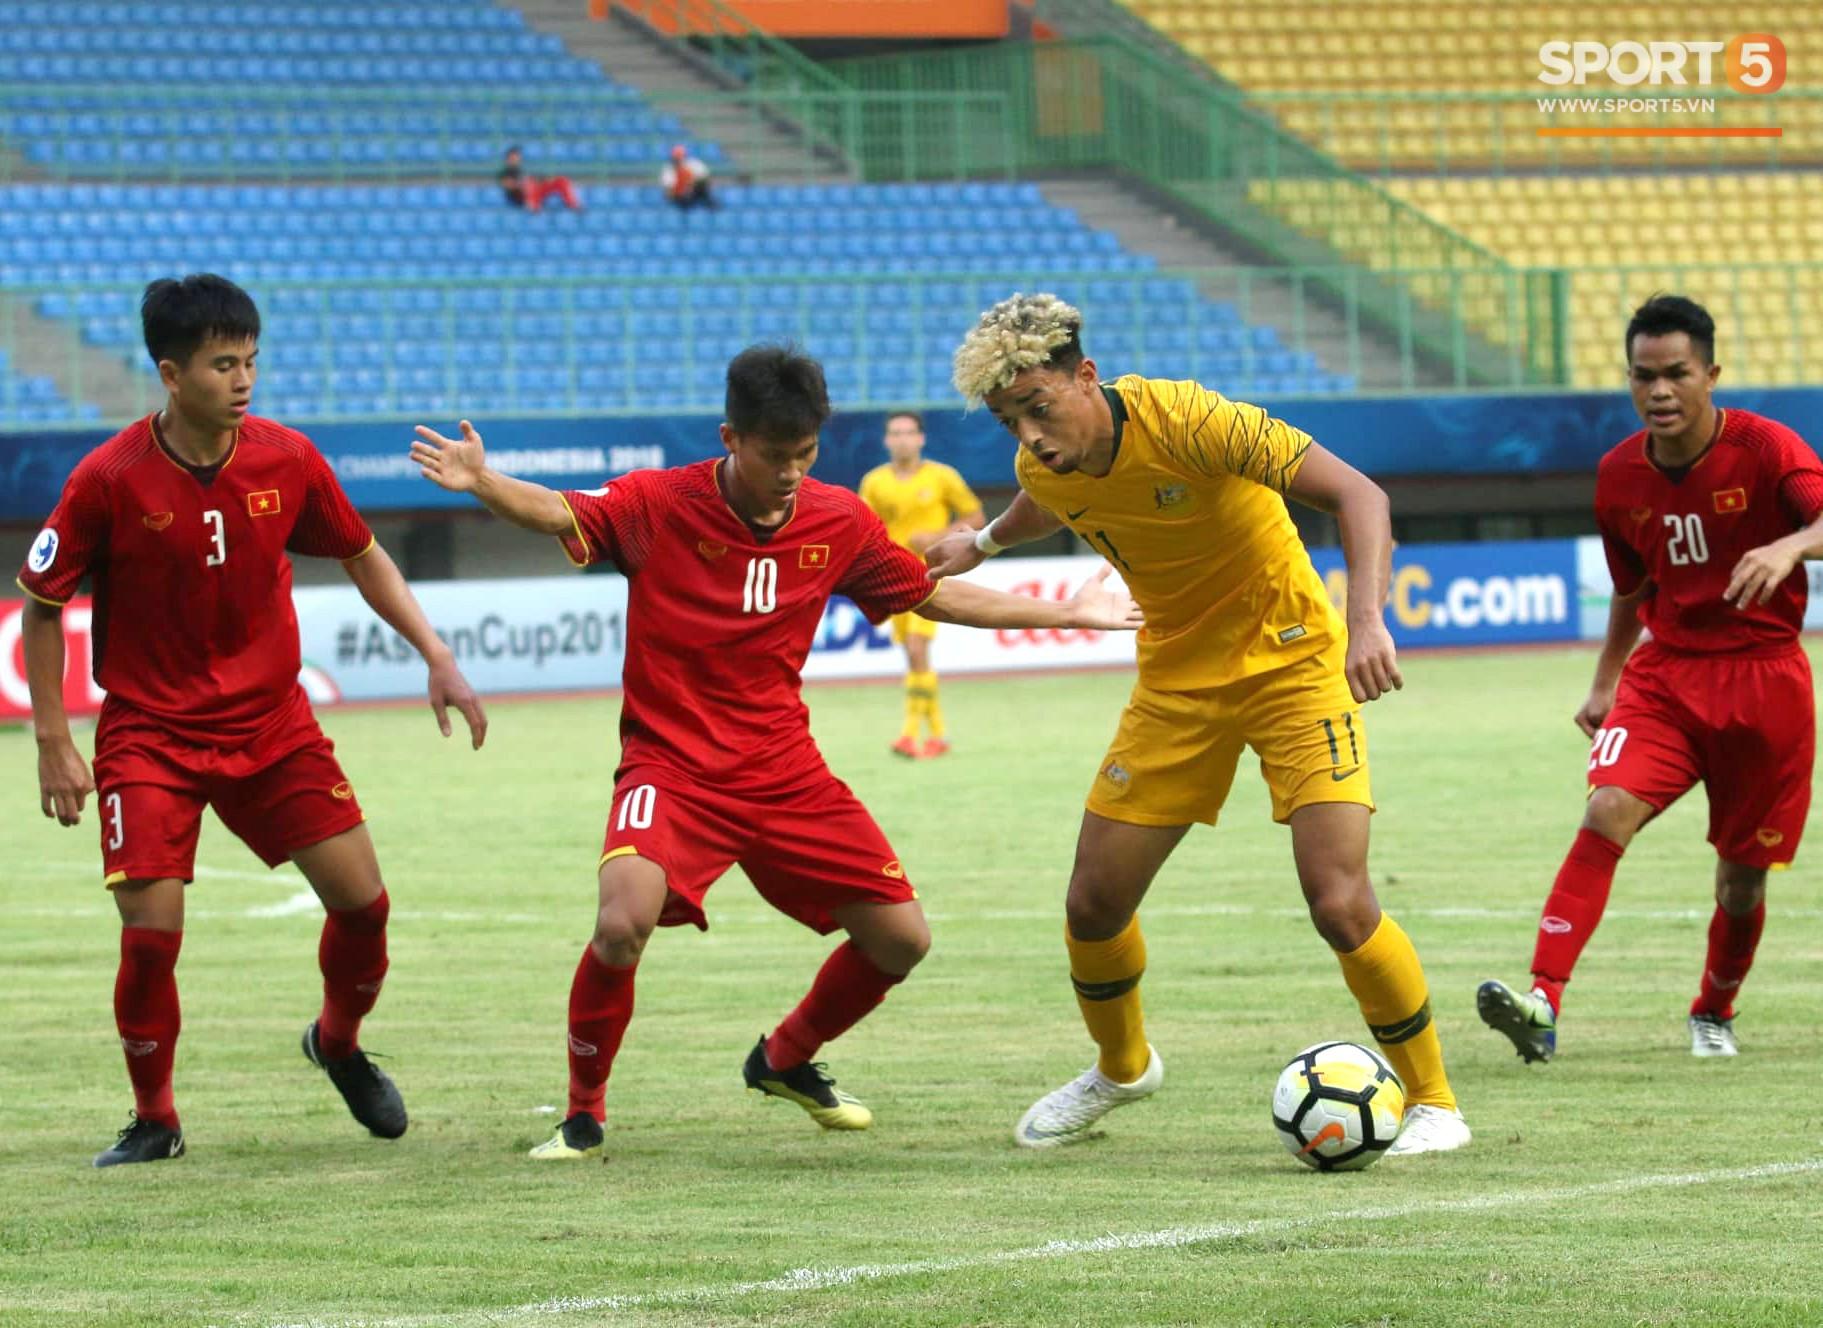 Cầu thủ U19 Việt Nam cúi đầu sau trận thua U19 Australia, chính thức bị loại khỏi giải U19 châu Á 2018 - Ảnh 3.